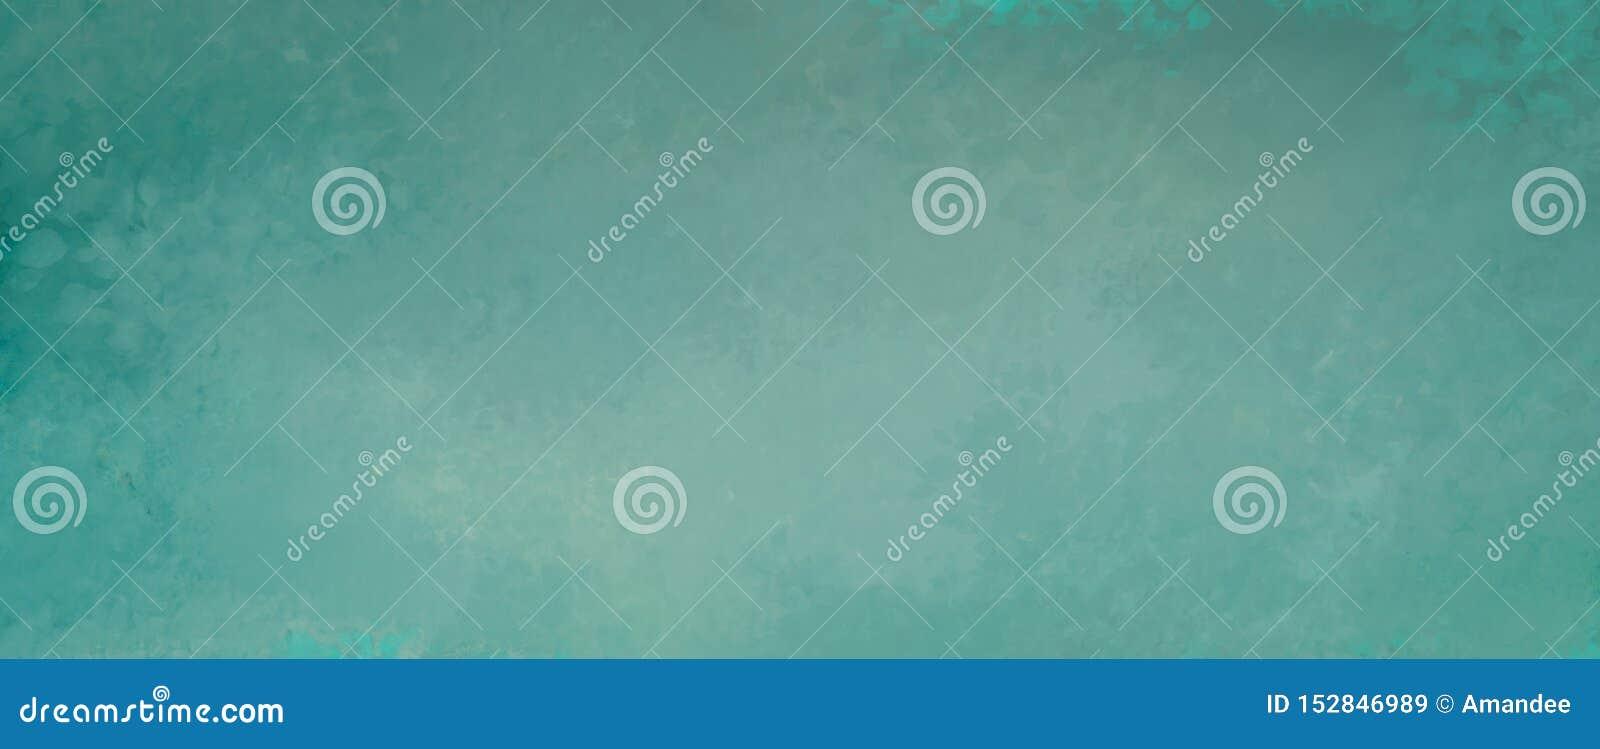 Γαλαζοπράσινο υπόβαθρο με το διαστισμένο παλαιό grunge και στενοχωρημένο εκλεκτής ποιότητας σχέδιο σύστασης στο αφηρημένο κενό σχ